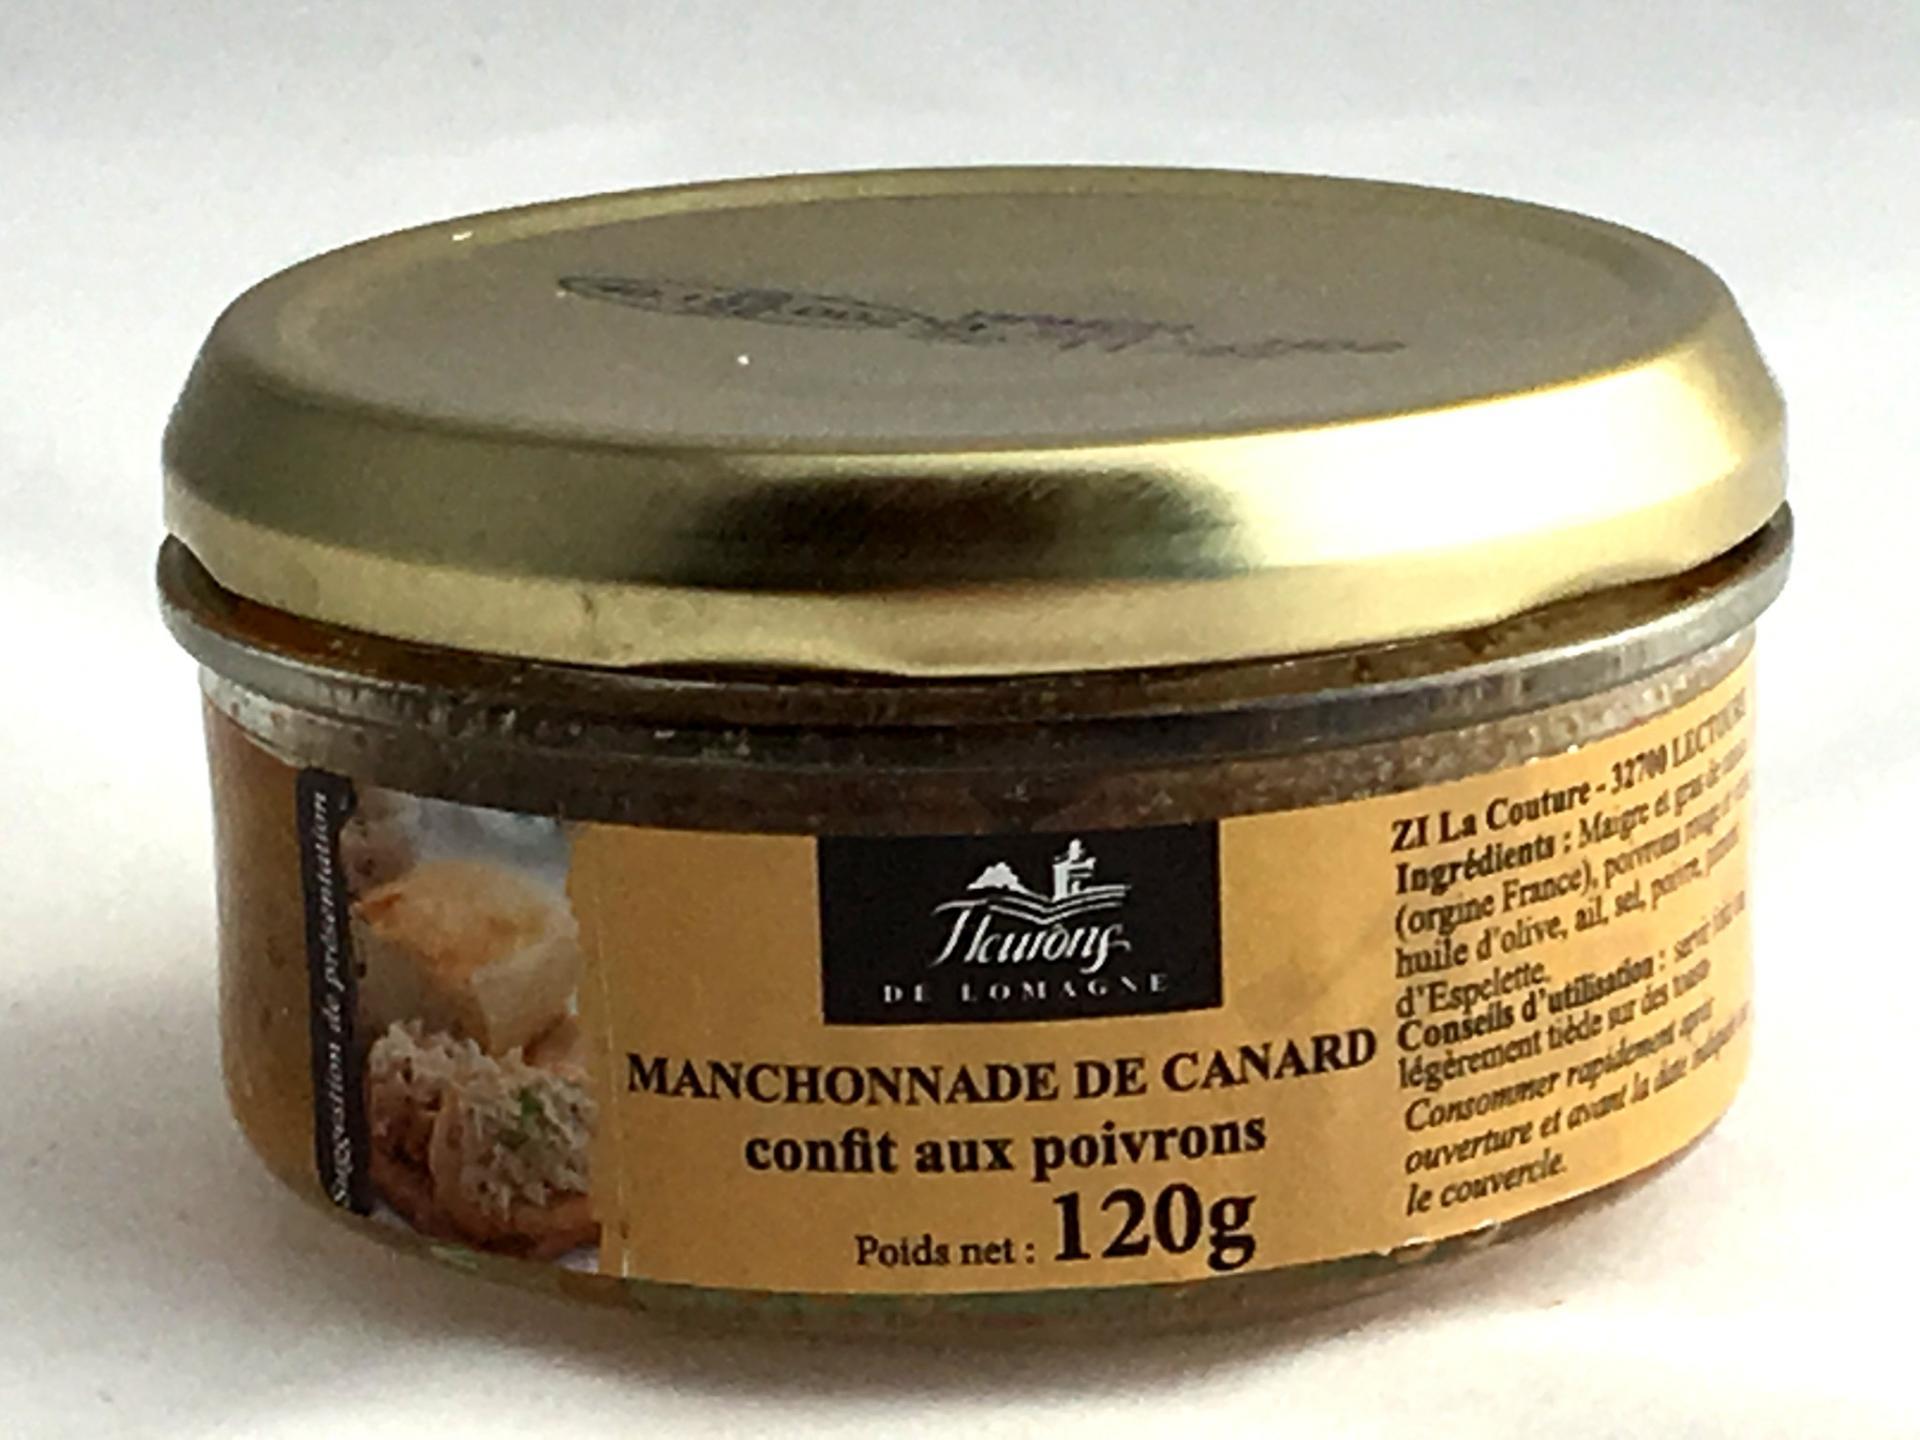 Manchonnade de canard confit aux poivrons 120g bocal produits du terroir